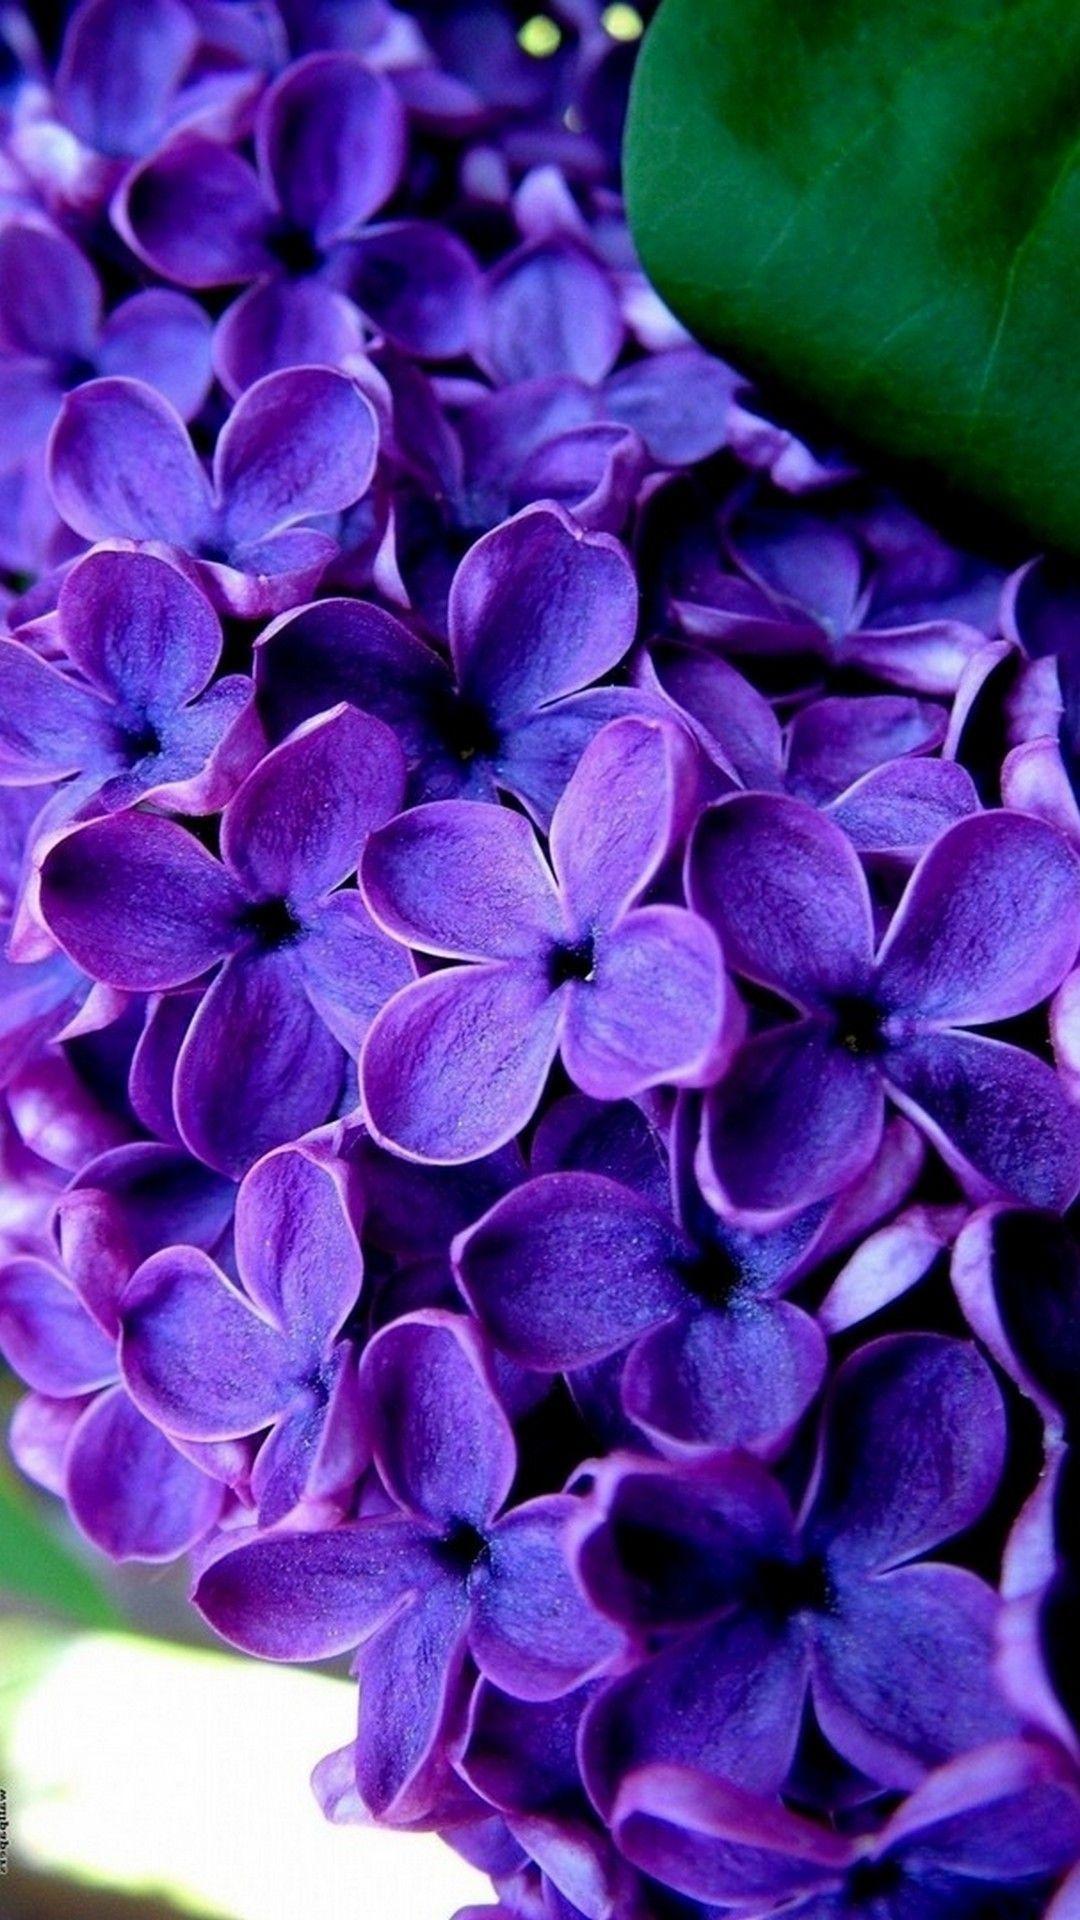 Purple Flowers Mobile Wallpaper HD Best HD Wallpapers in